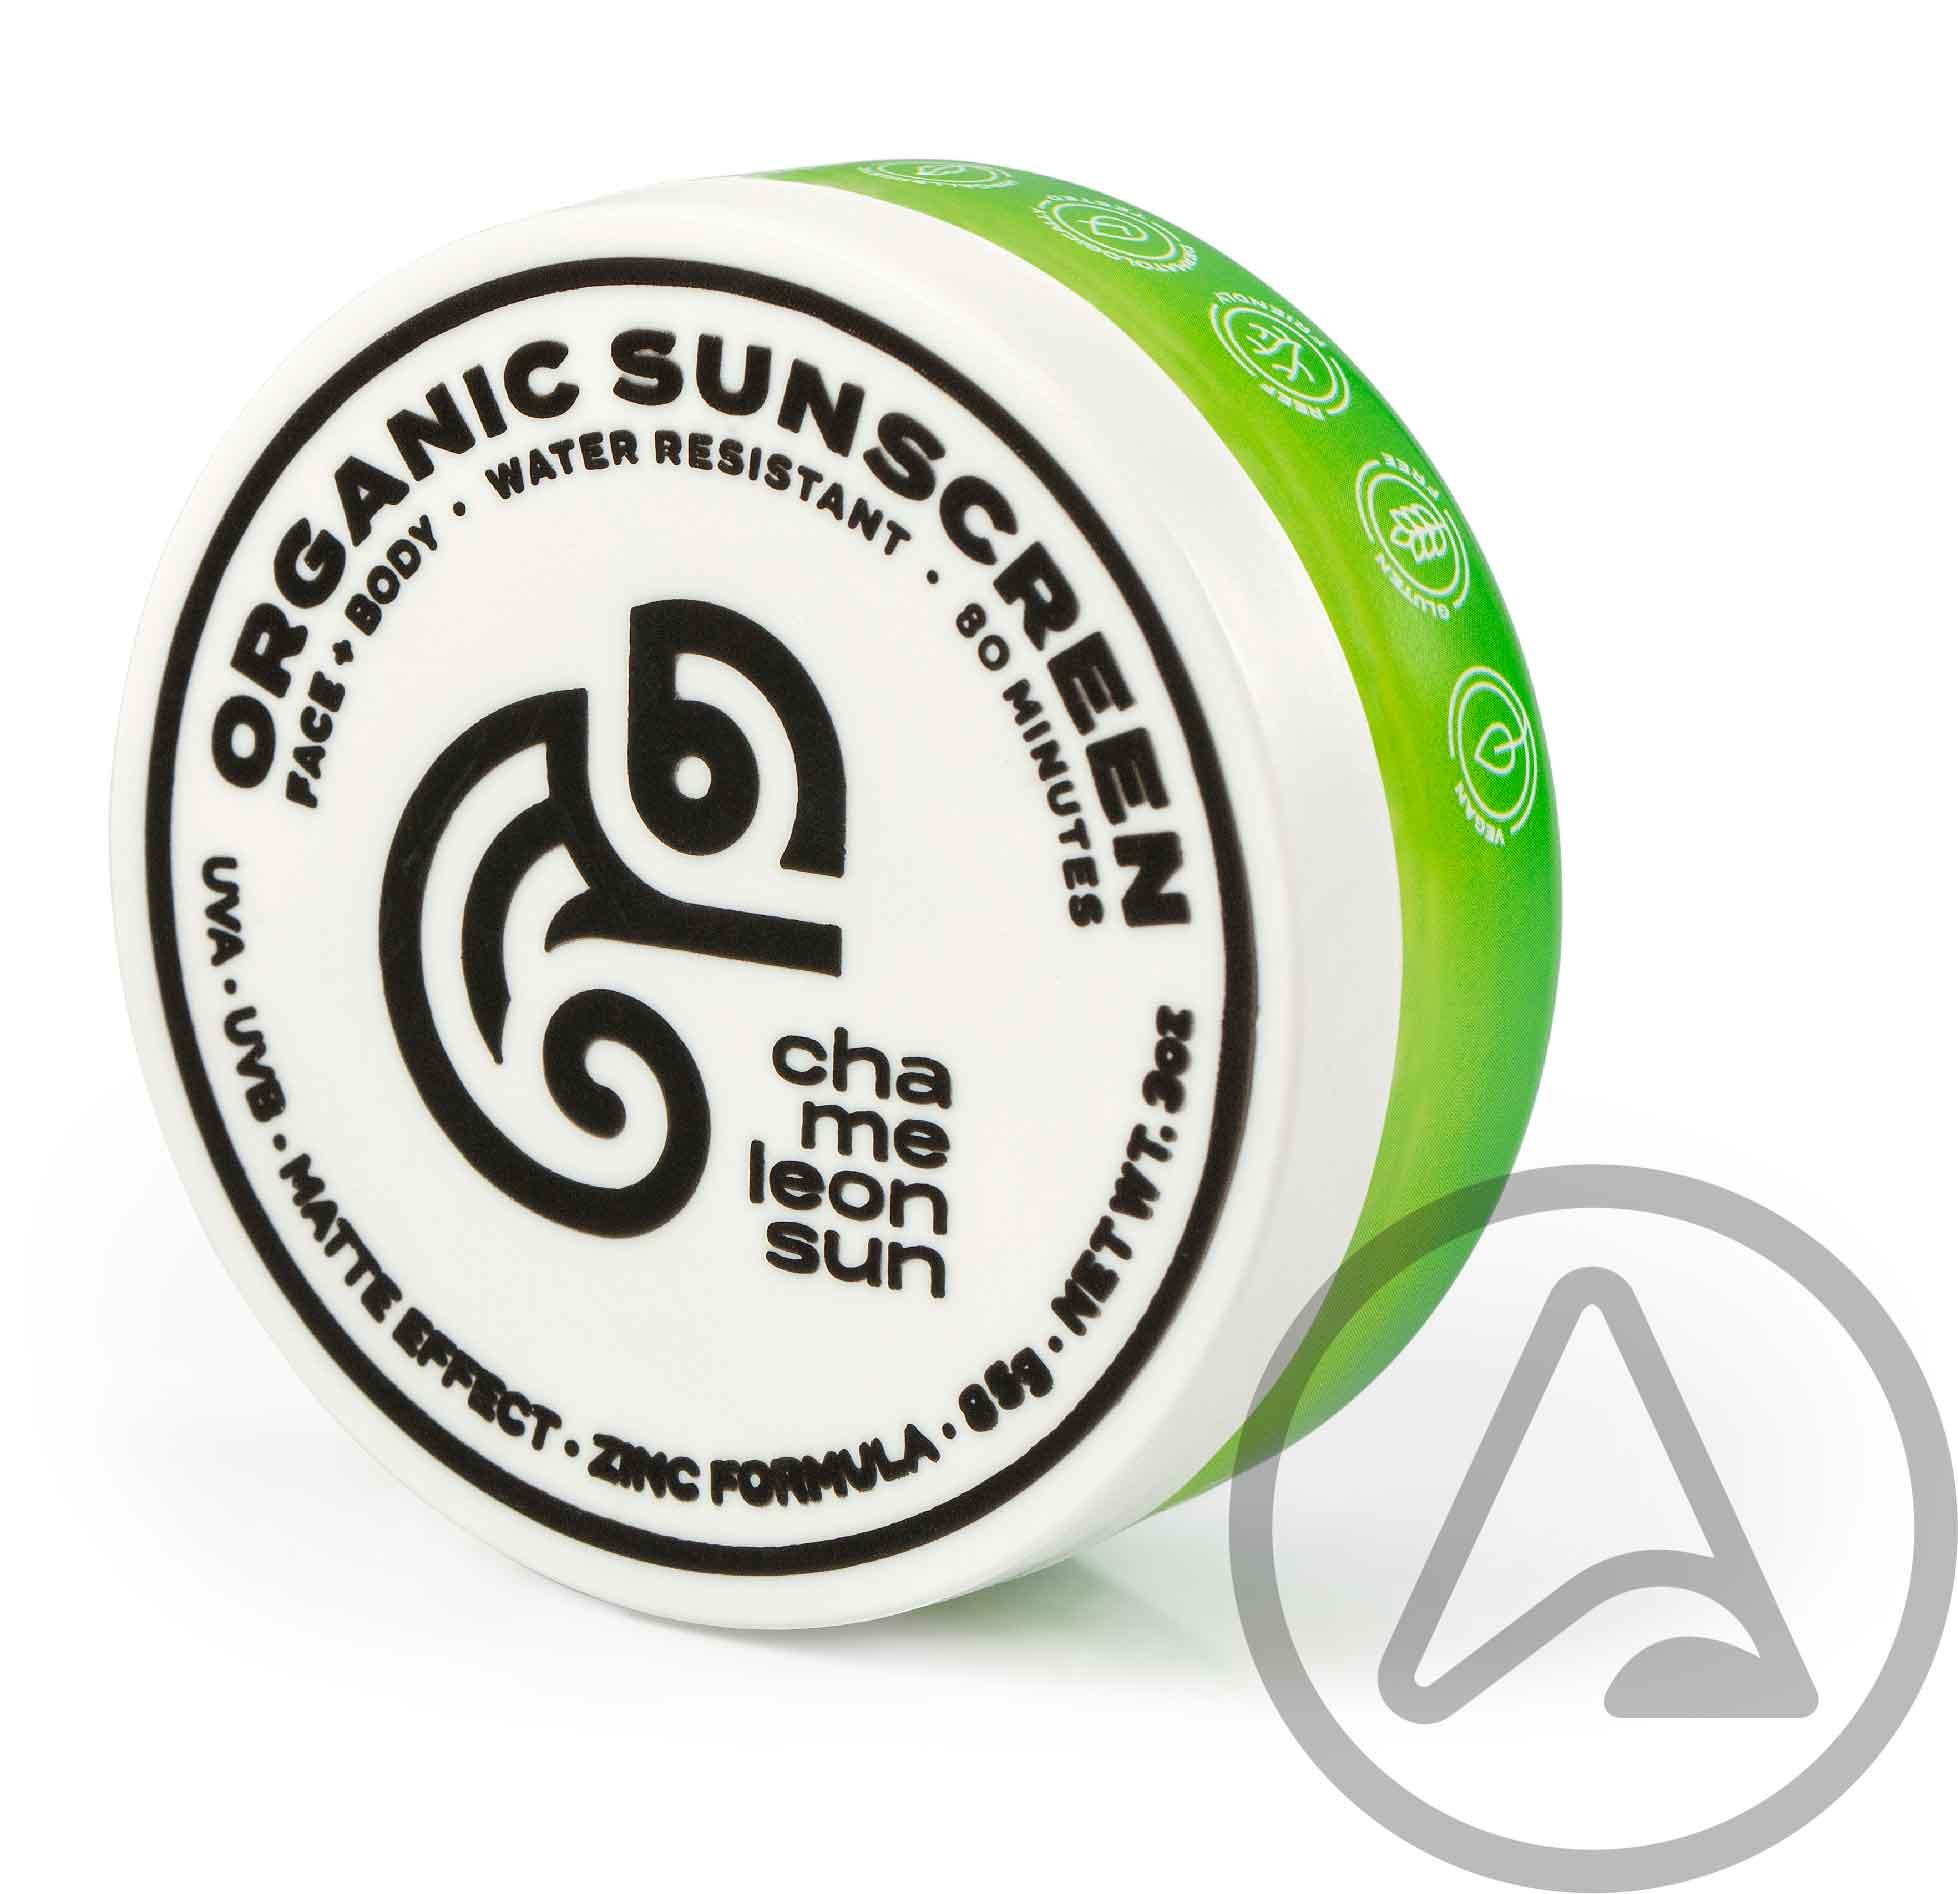 Filtro Solar Orgânico - Chameleon Sun - CAMMY SPF 50+  (Pote + Refil)